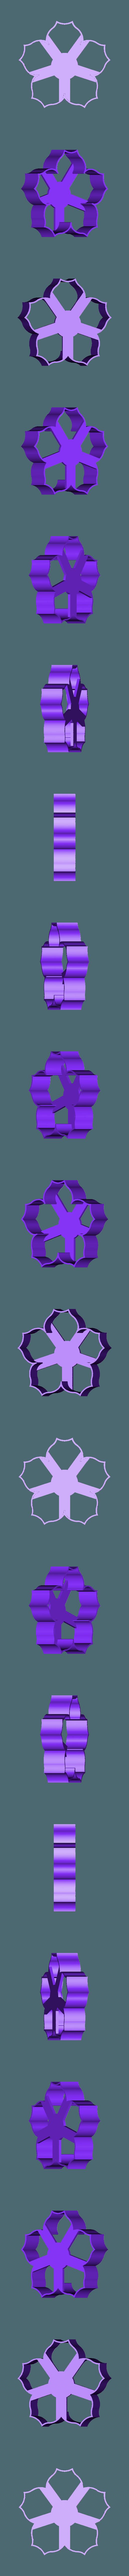 2in FLOWER.stl Télécharger fichier STL gratuit Petit moule à biscuit à fleurs • Modèle imprimable en 3D, 3DPrintersaur